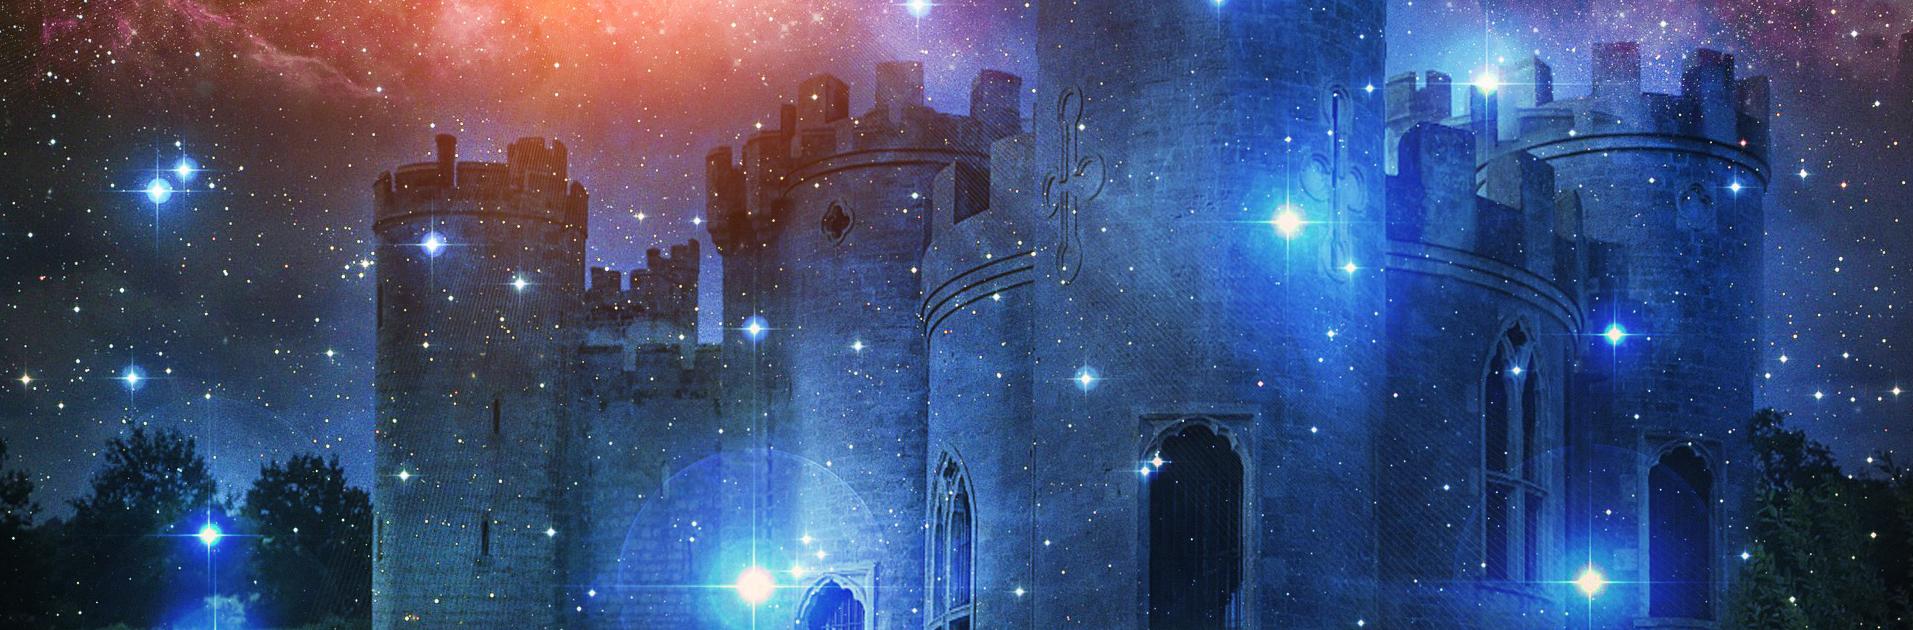 castle-onirique-reve-crop2